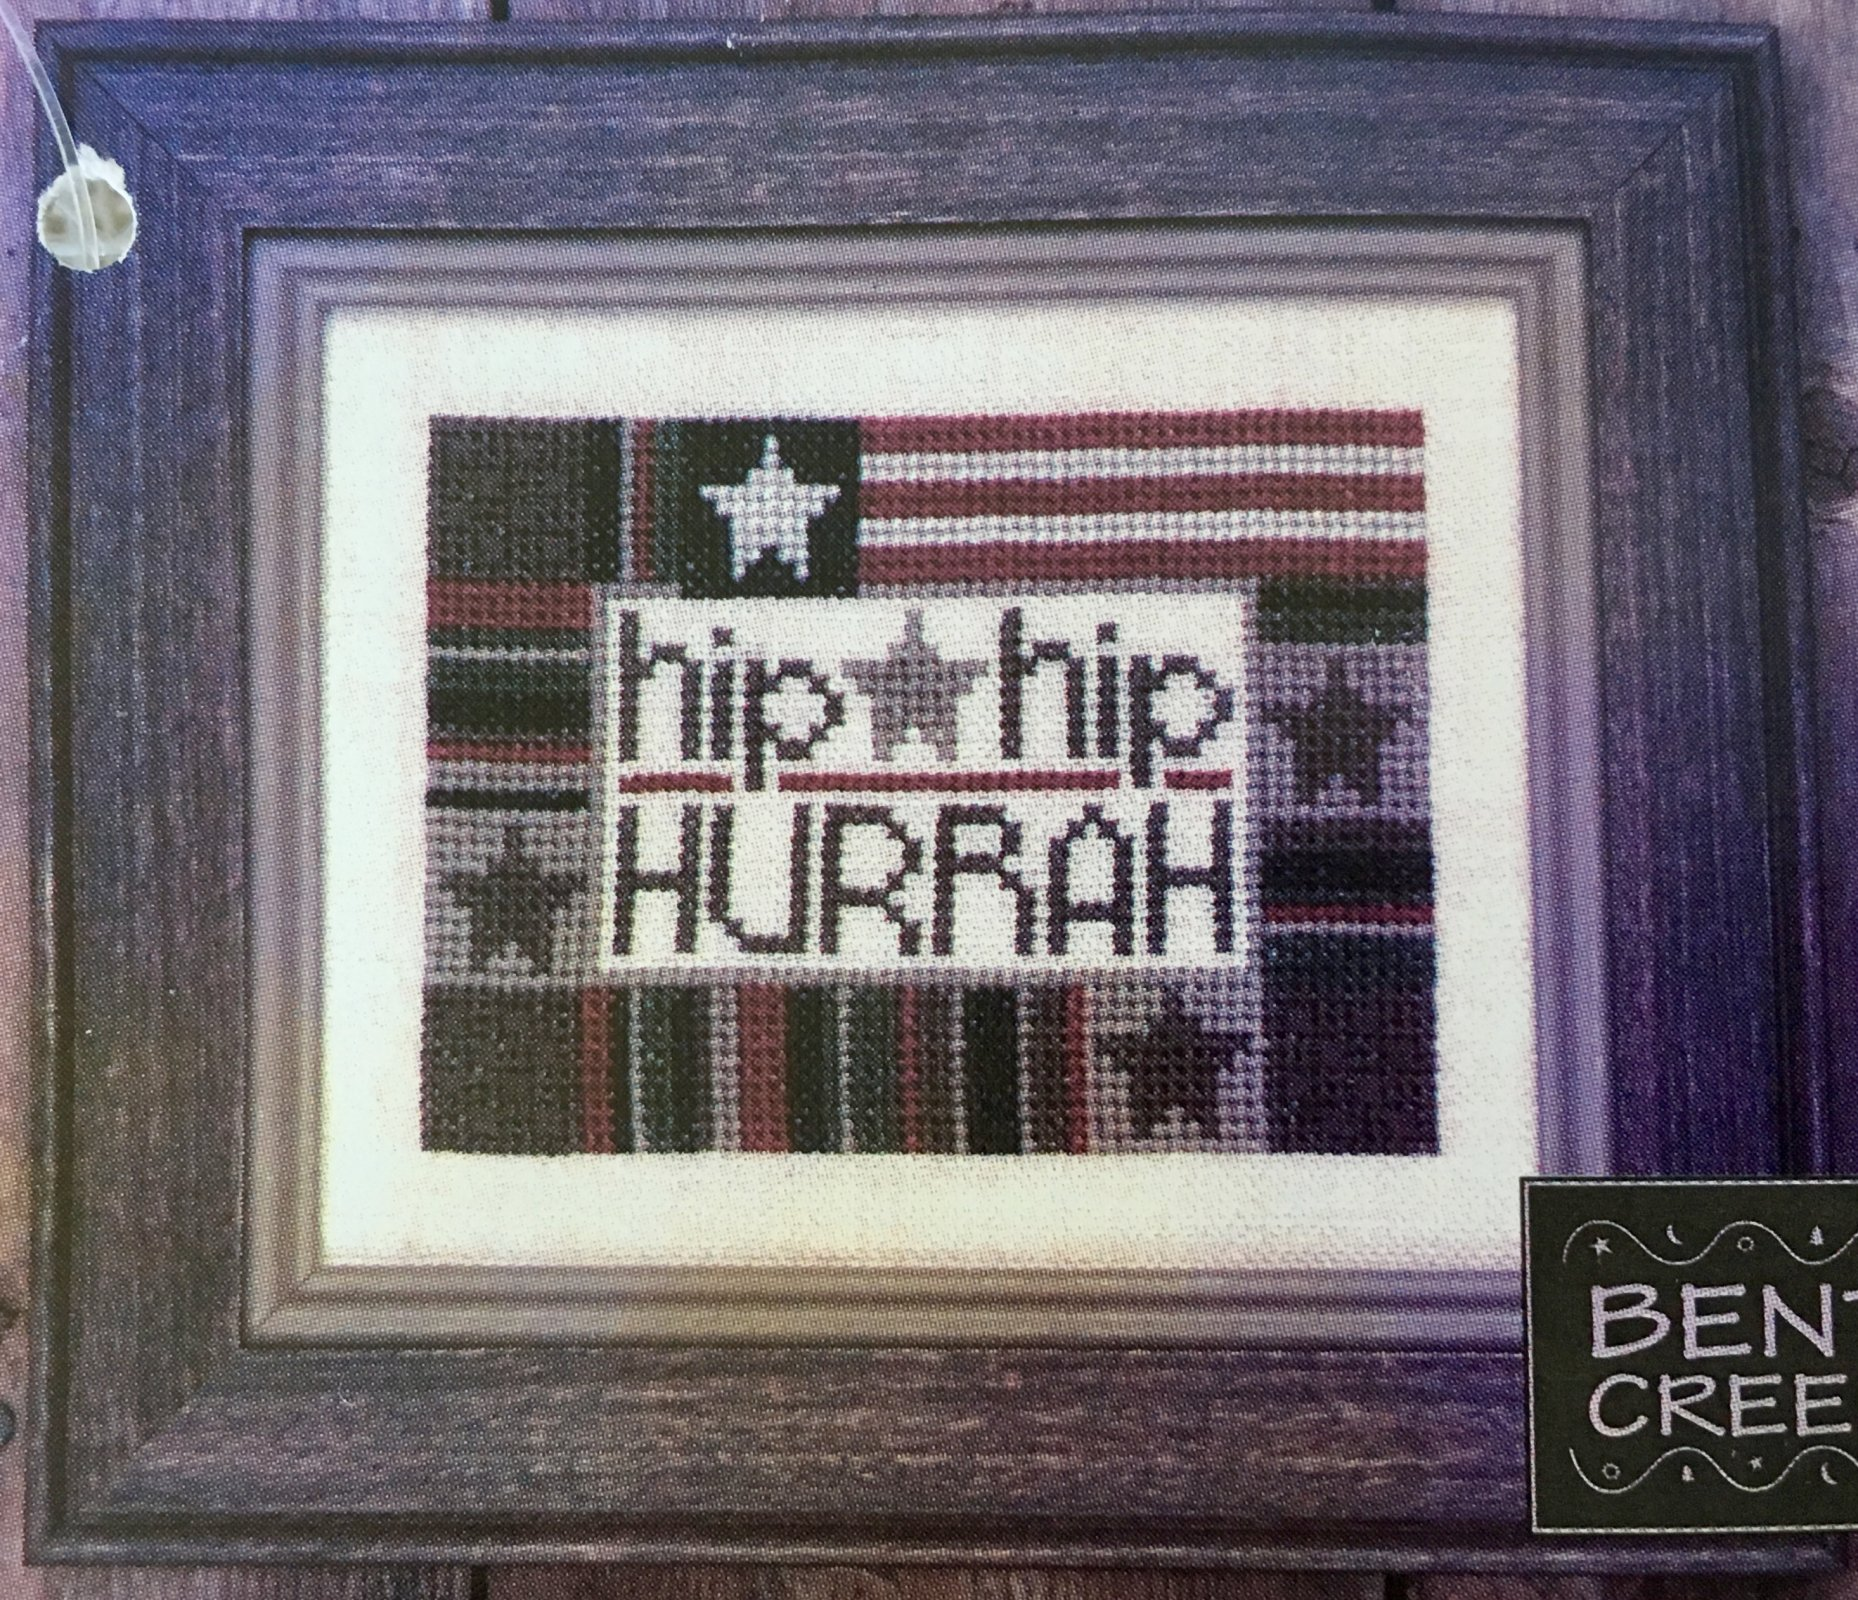 Bent Creek: Hip Hip Hurrah Zipper Kit